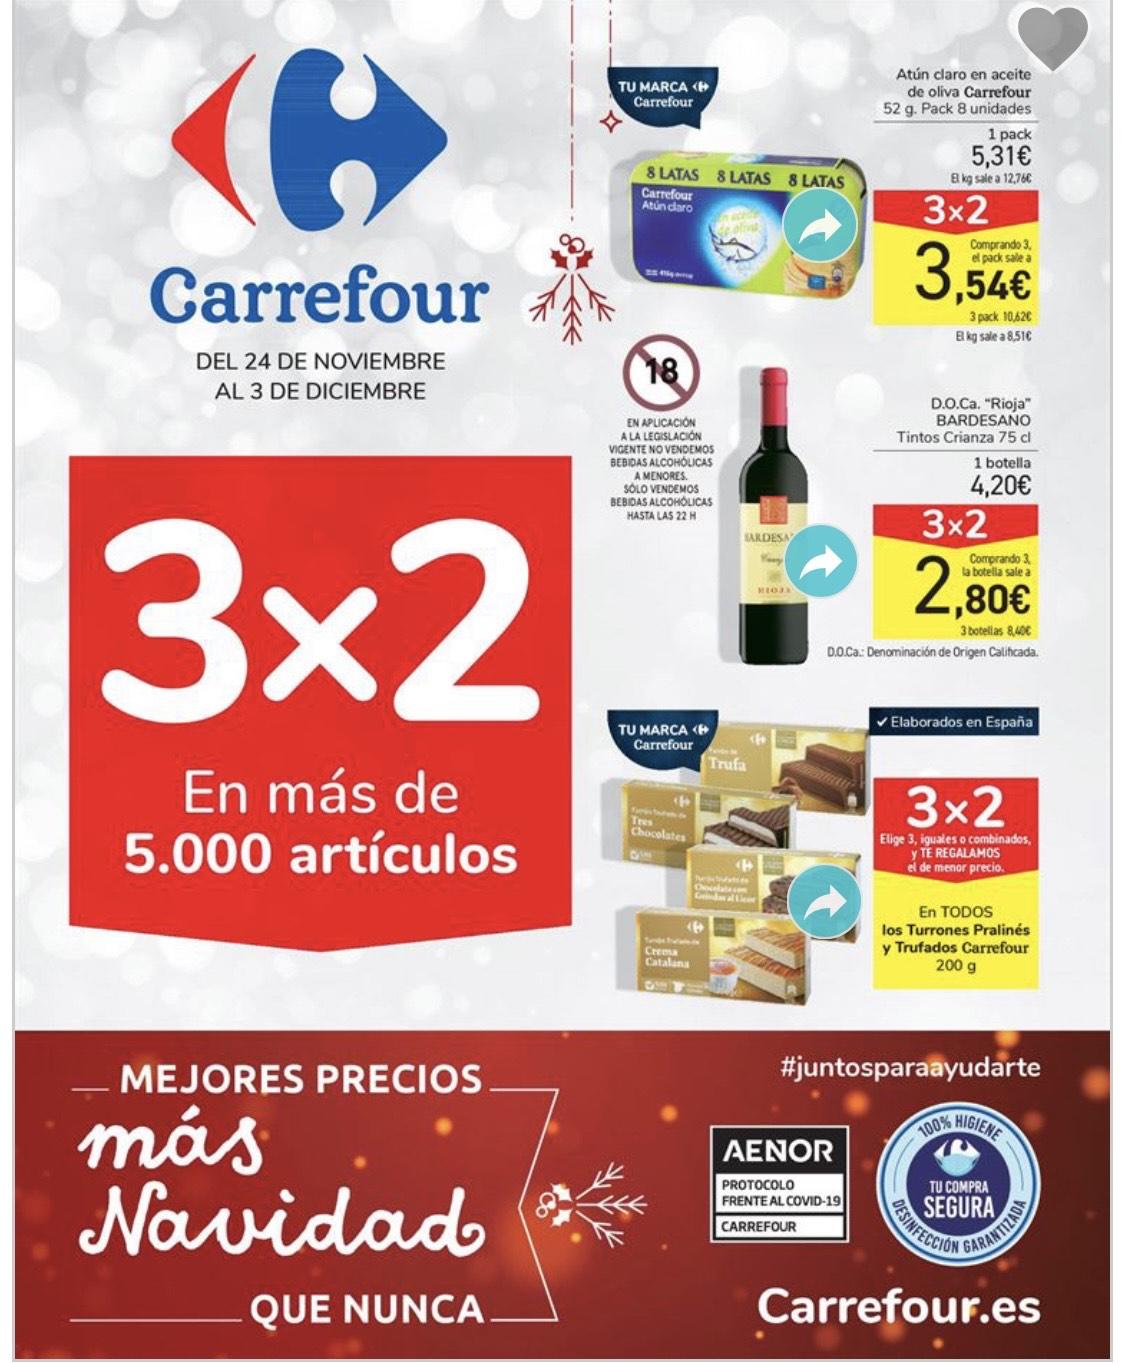 Promoción 3x2 Carrefour. El Chequeahorro lo tenéis disponible a partir del 26 de noviembre.